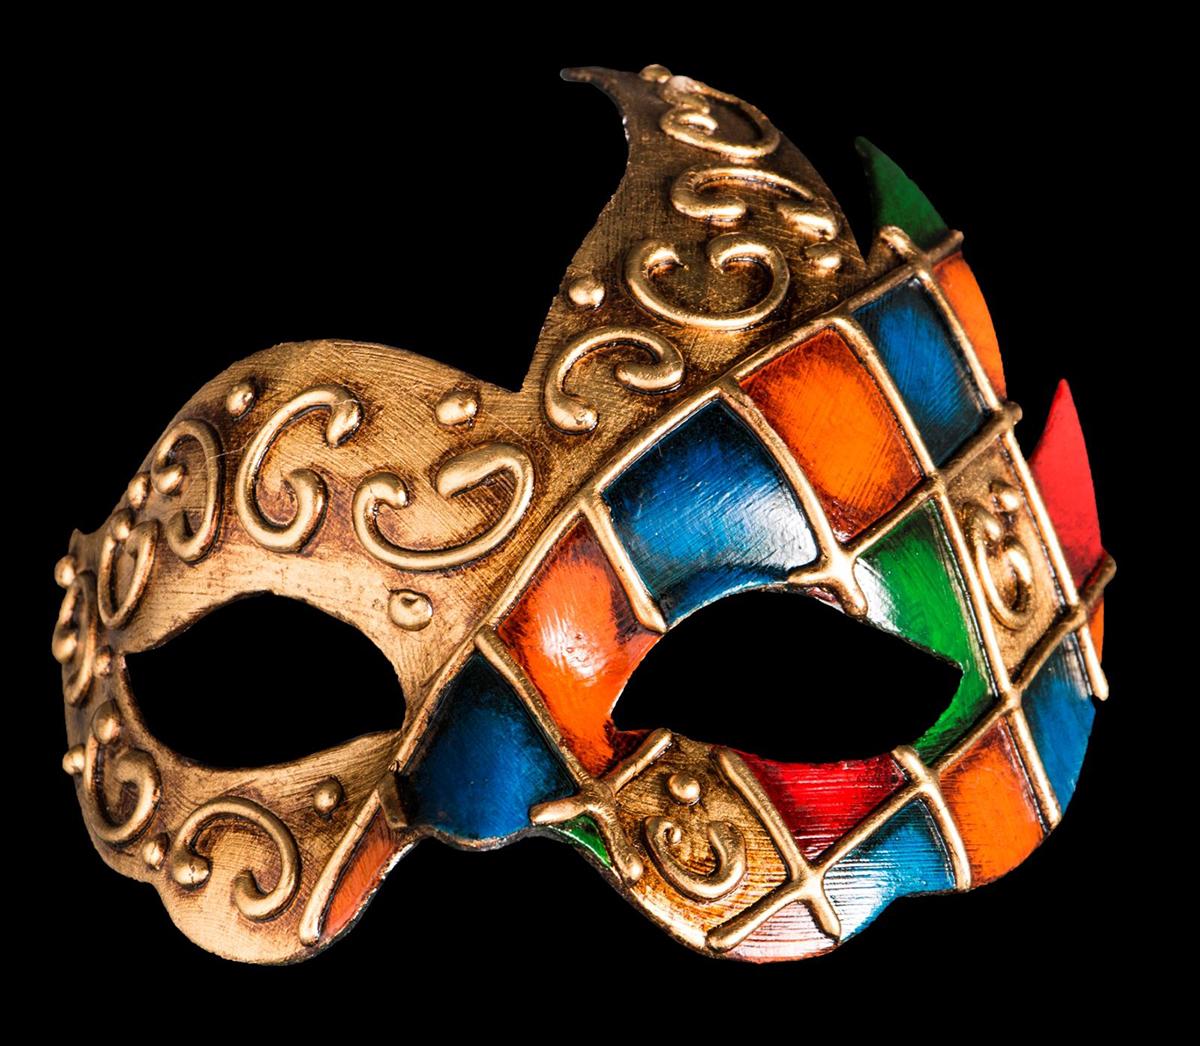 Маска карнавальная Bluemoon Venice  Arlecchino Onda , 10 ? 17 ? 10 см - Маски карнавальные